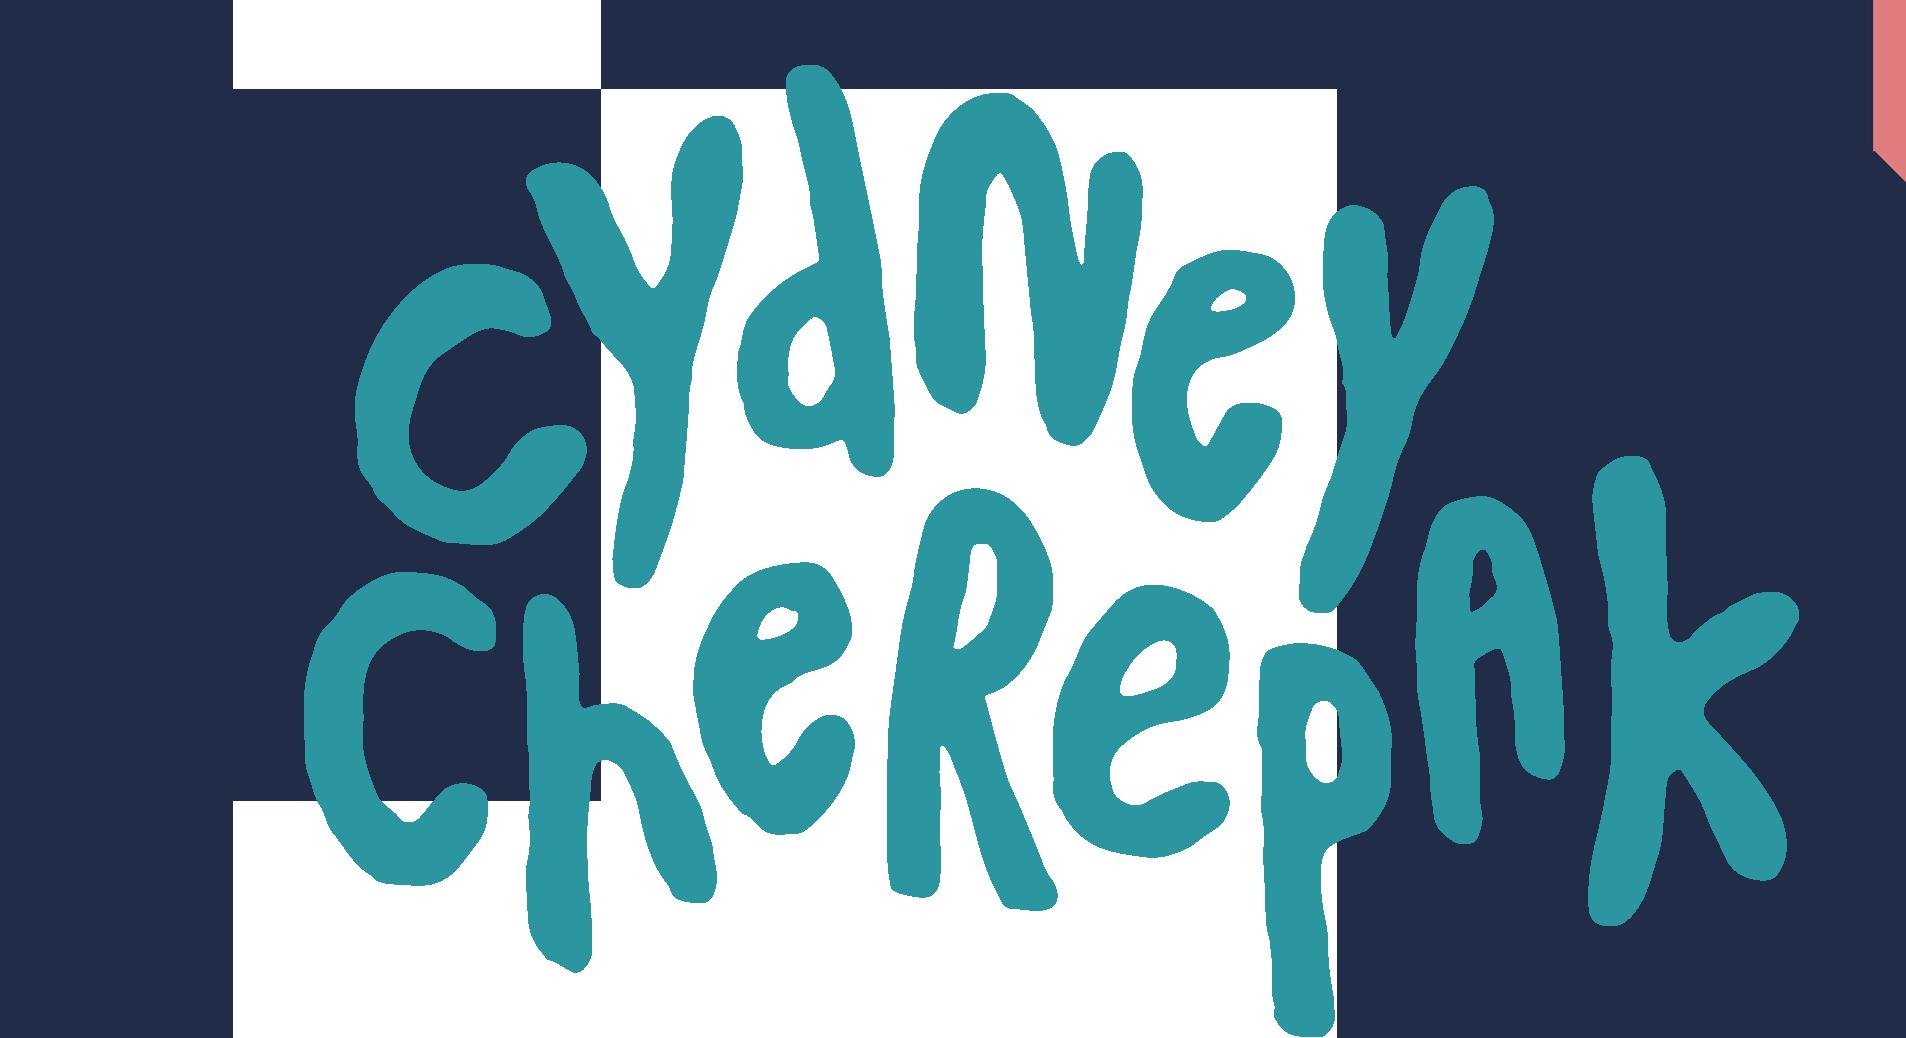 Cydney  Cherepak